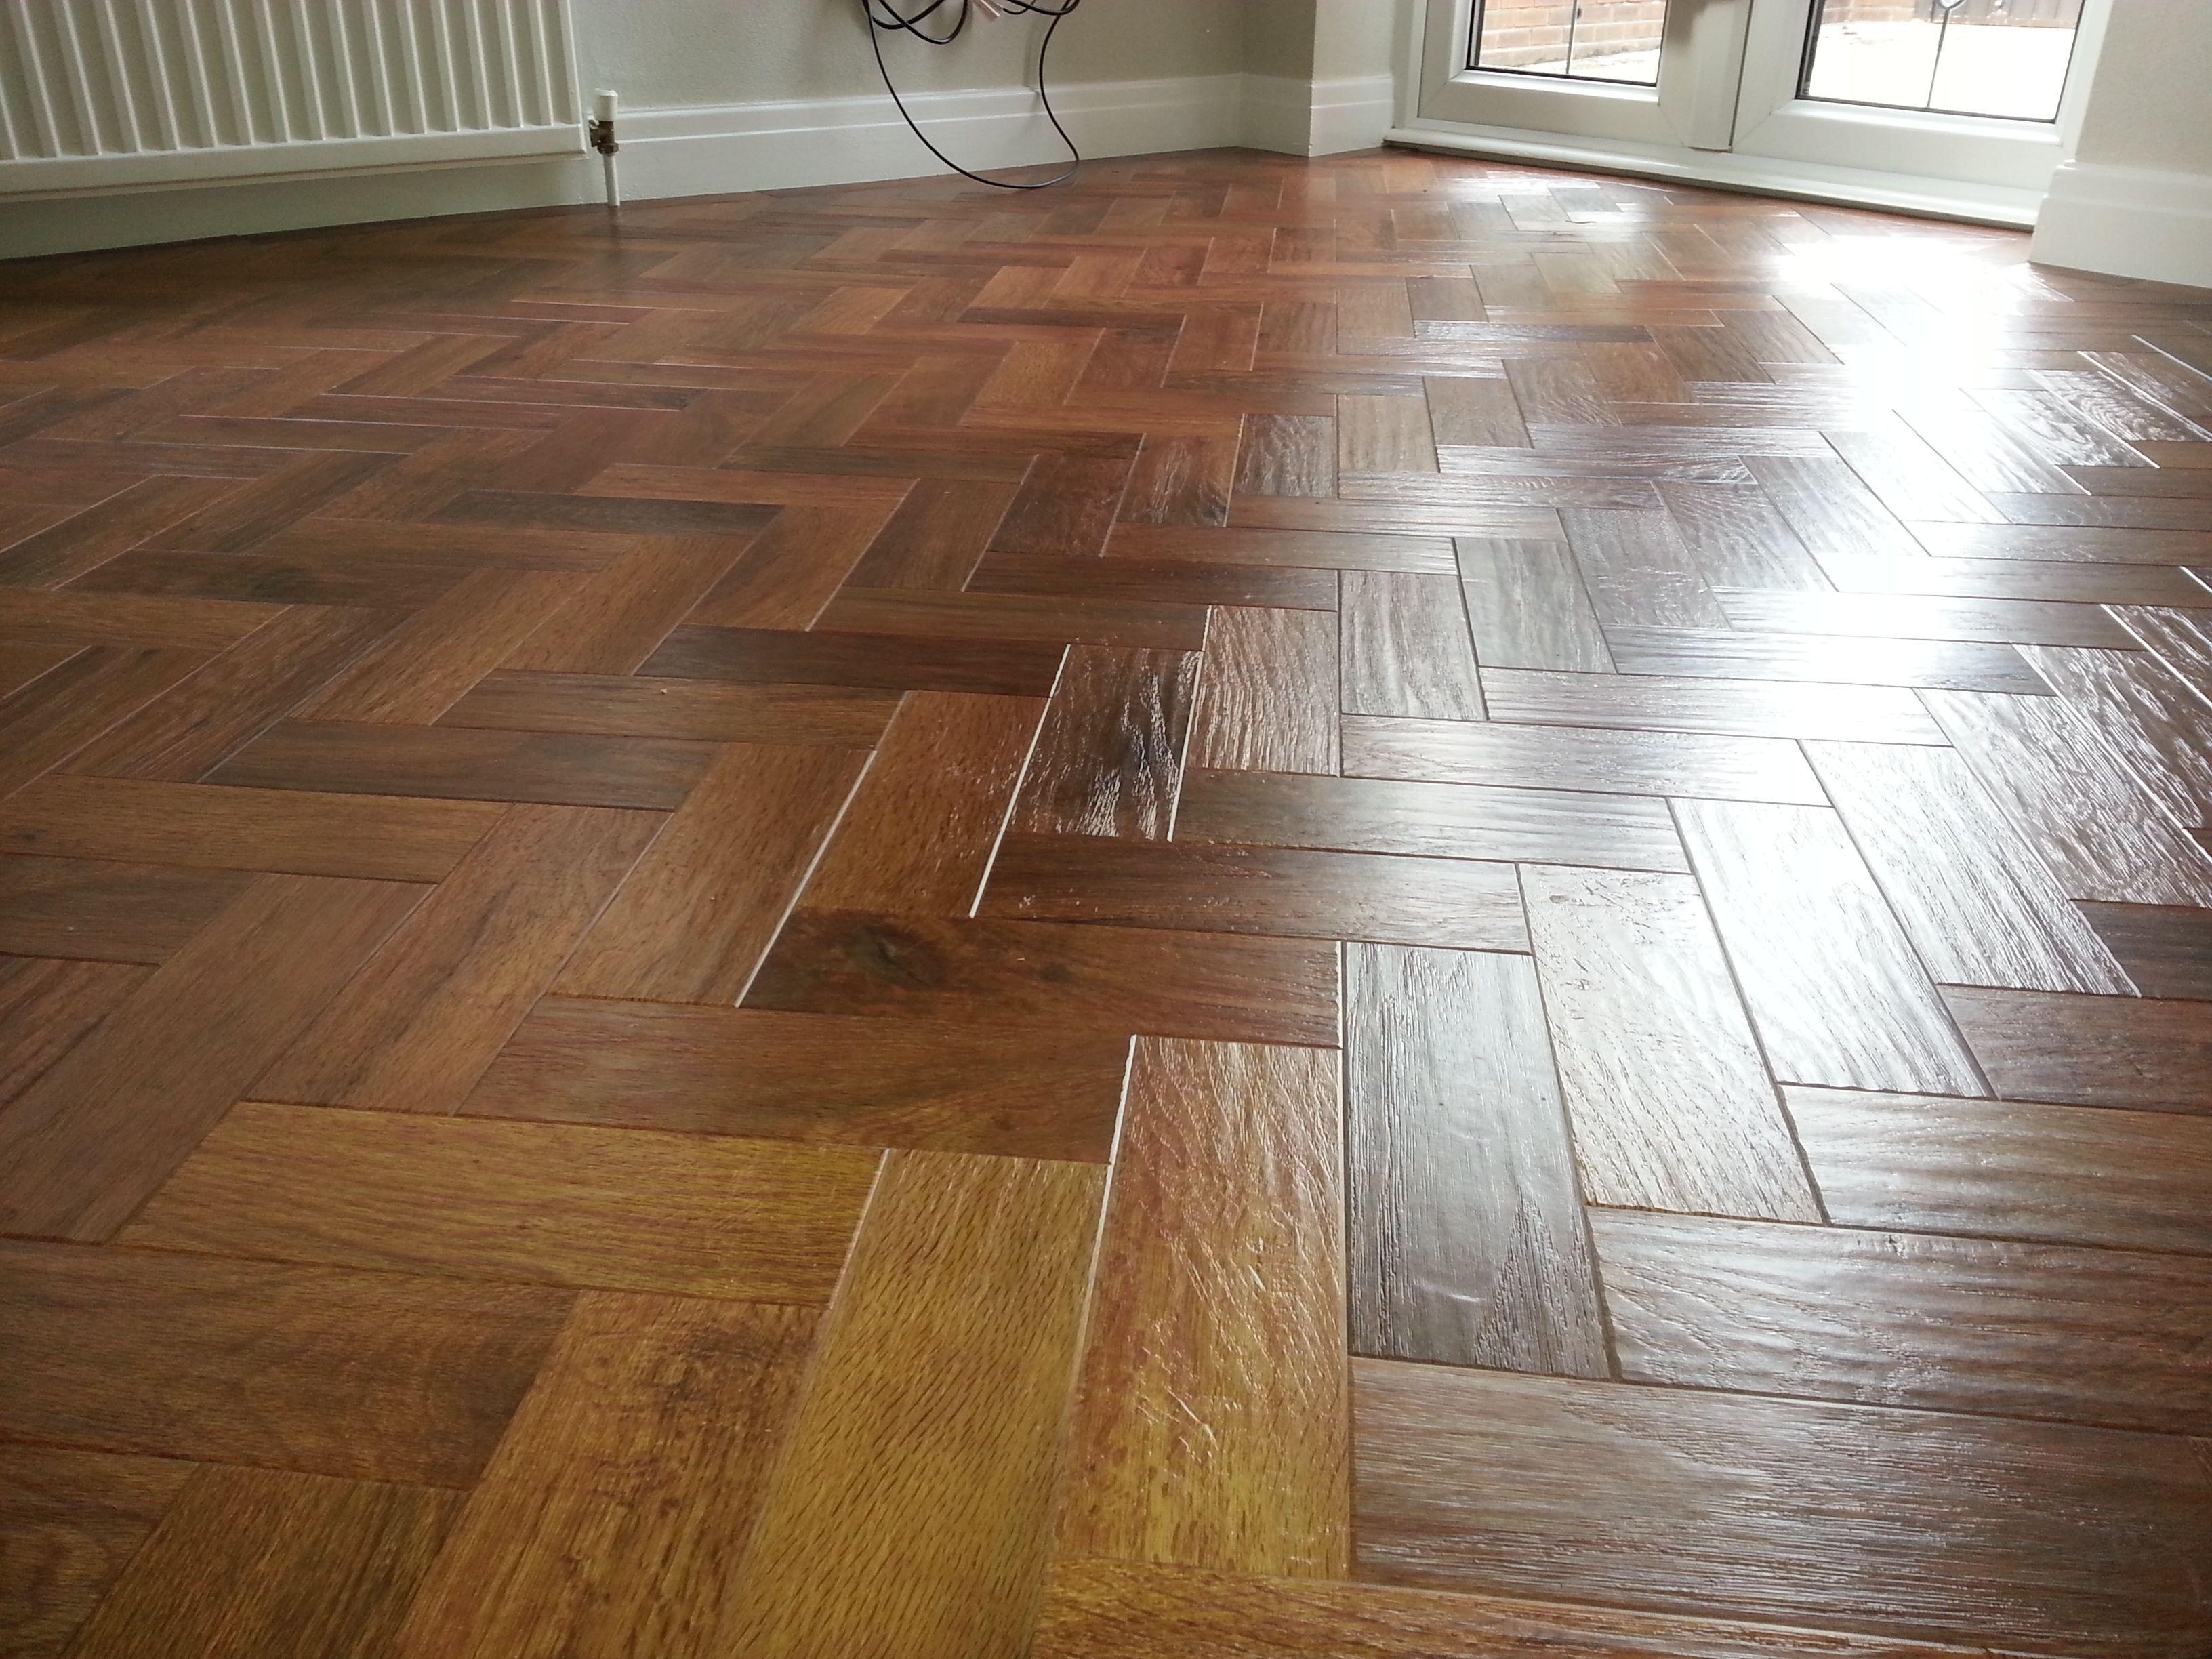 Karndean Herringbone Flooring